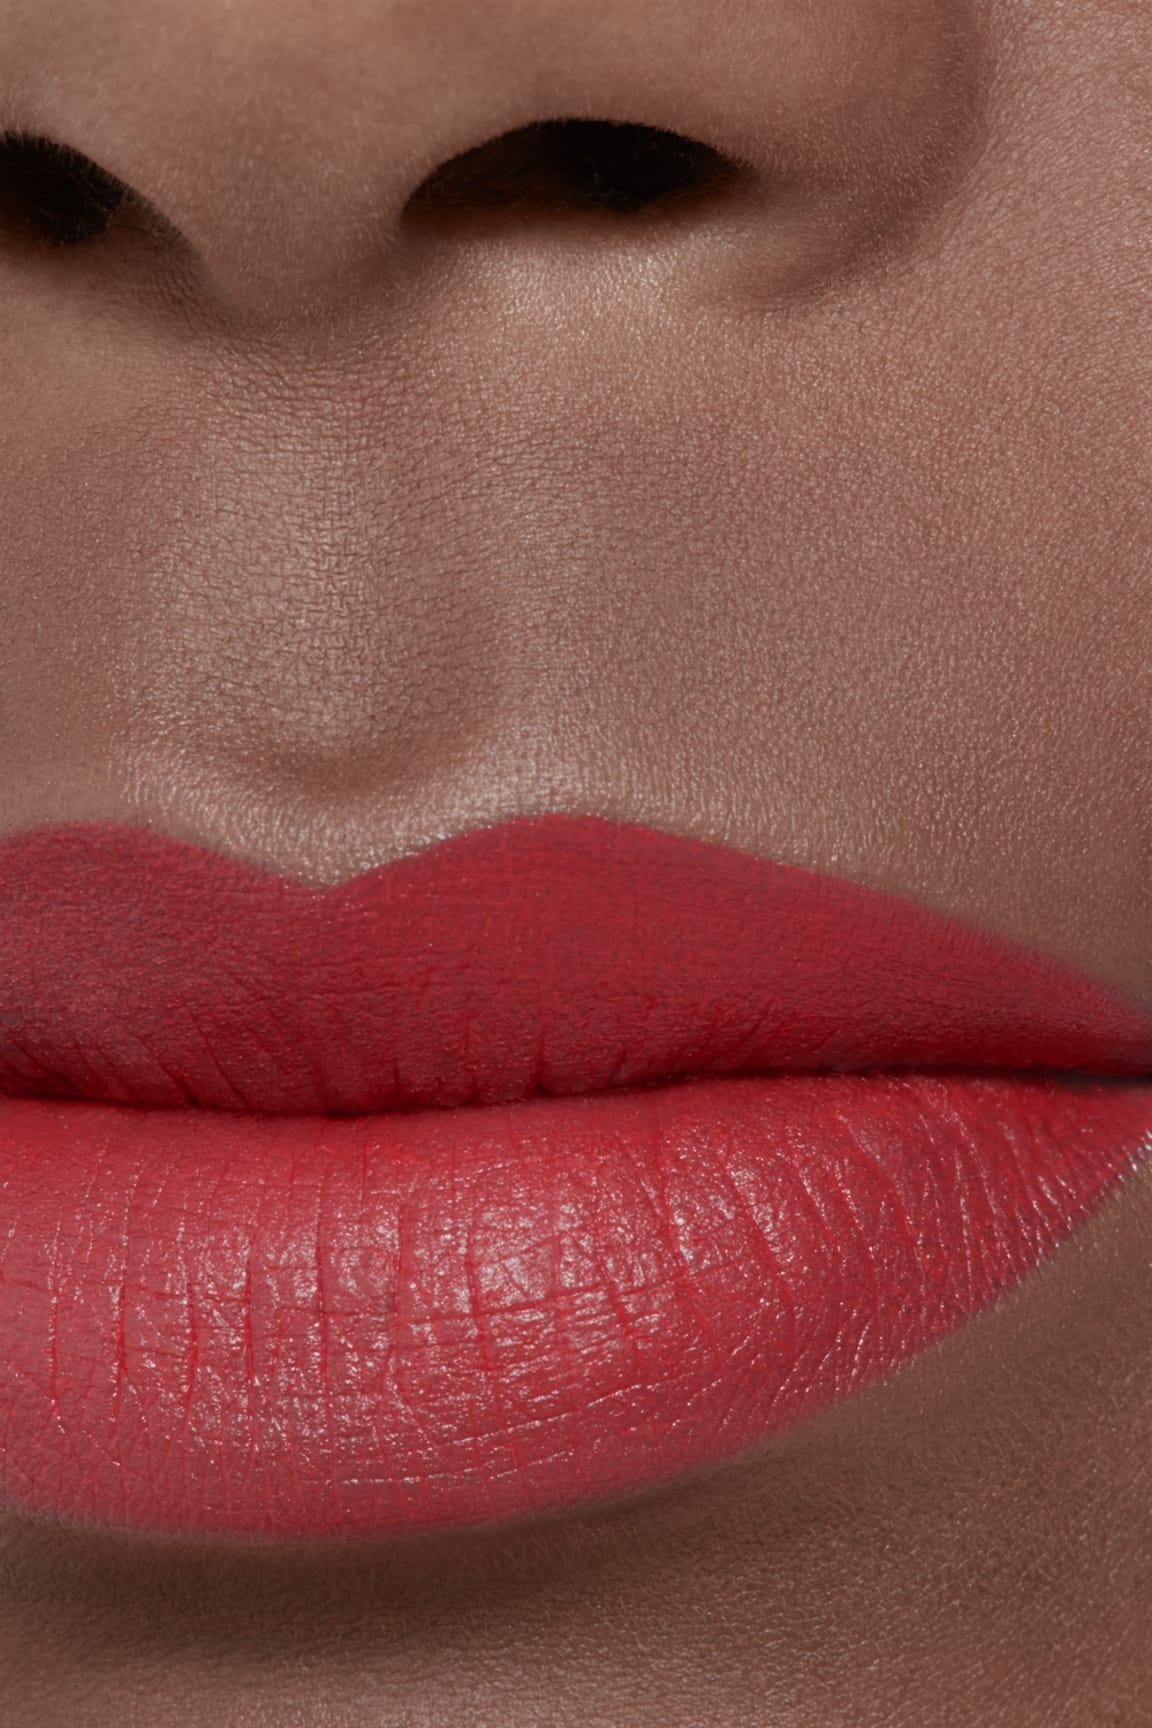 Application makeup visual 2 - ROUGE ALLURE VELVET LE LION DE CHANEL 57 - ROUGE FEU